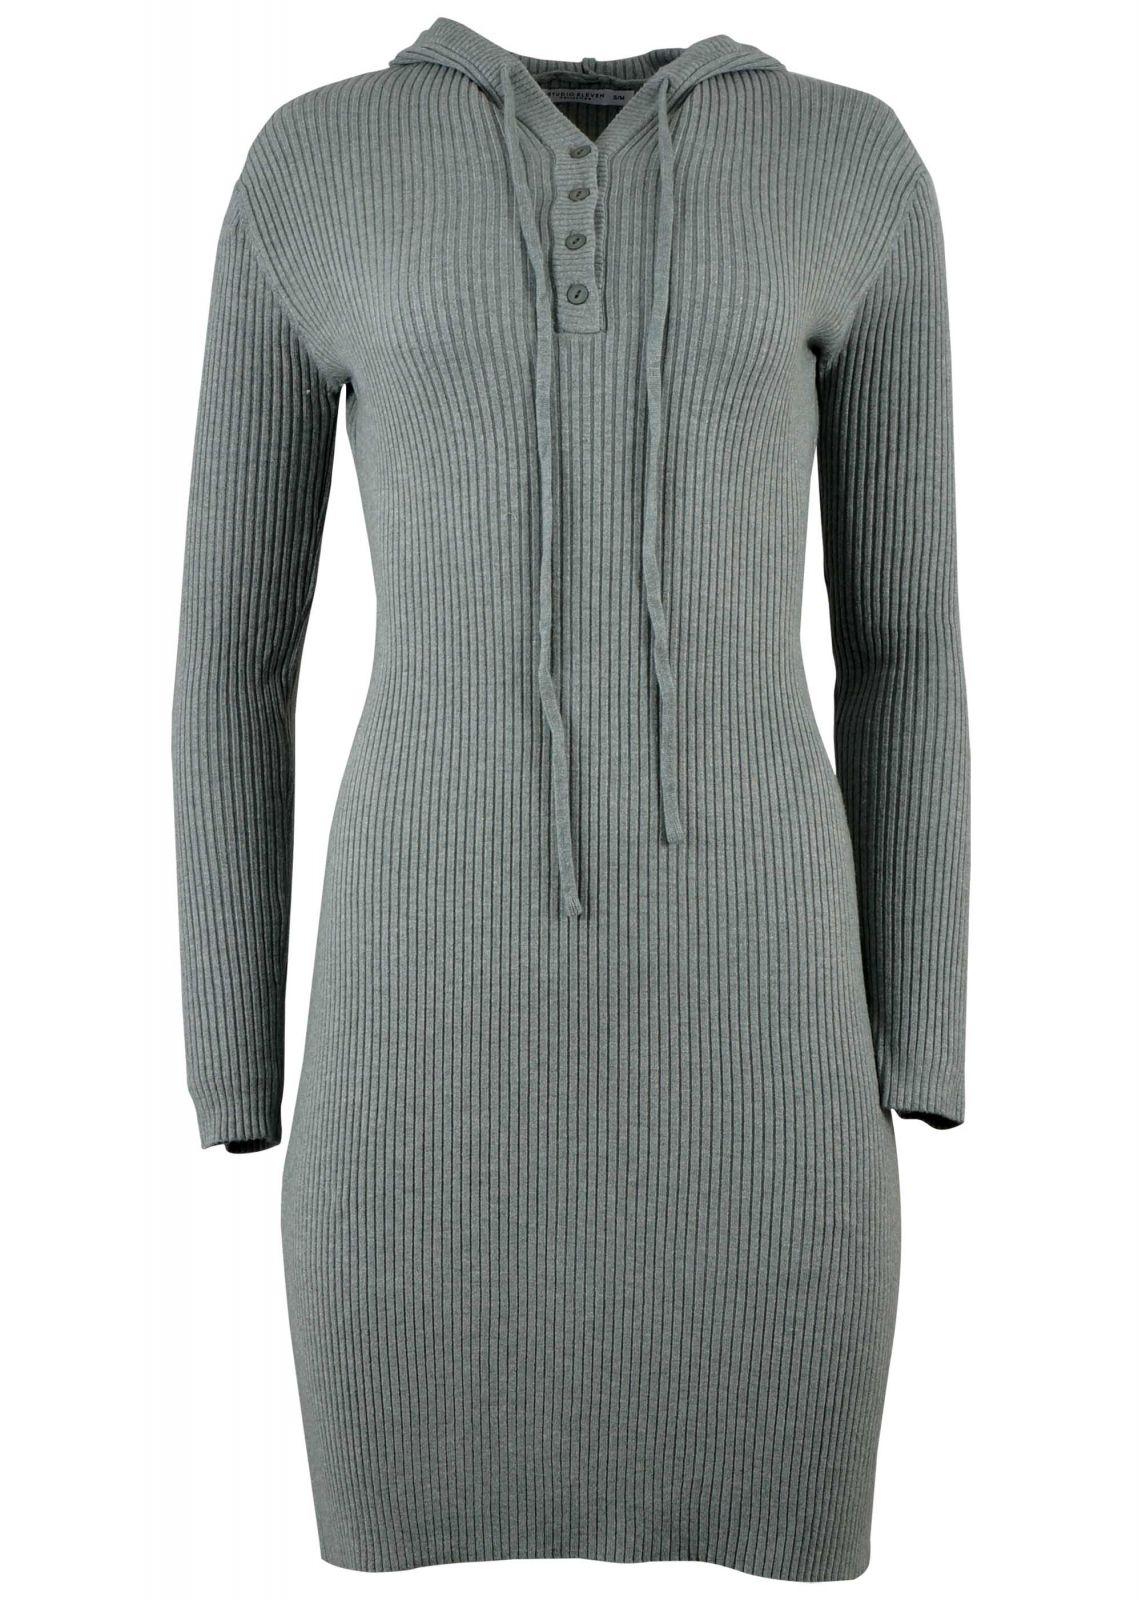 Γυναικείο φόρεμα ρίπ ελαστικό με κουκούλα. Casual Style. ΜΕΝΤΑ - gsecret -